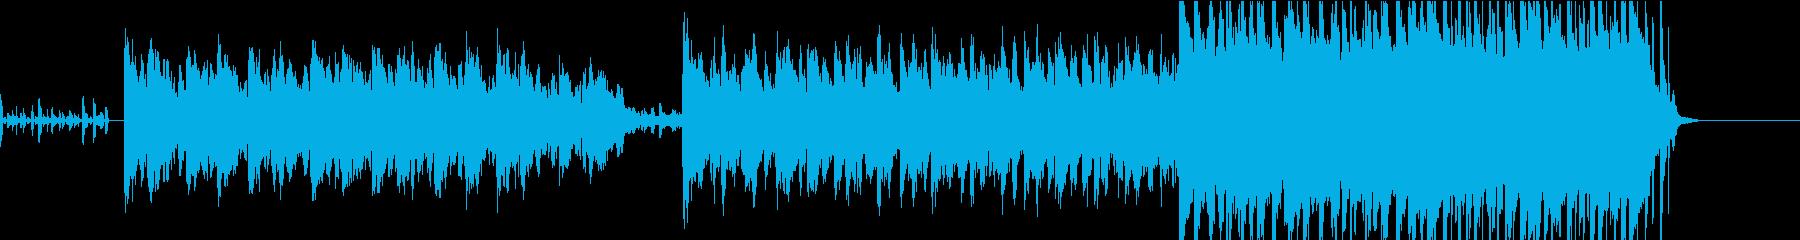 最近聞かれる トロピカルハウス系BGMの再生済みの波形